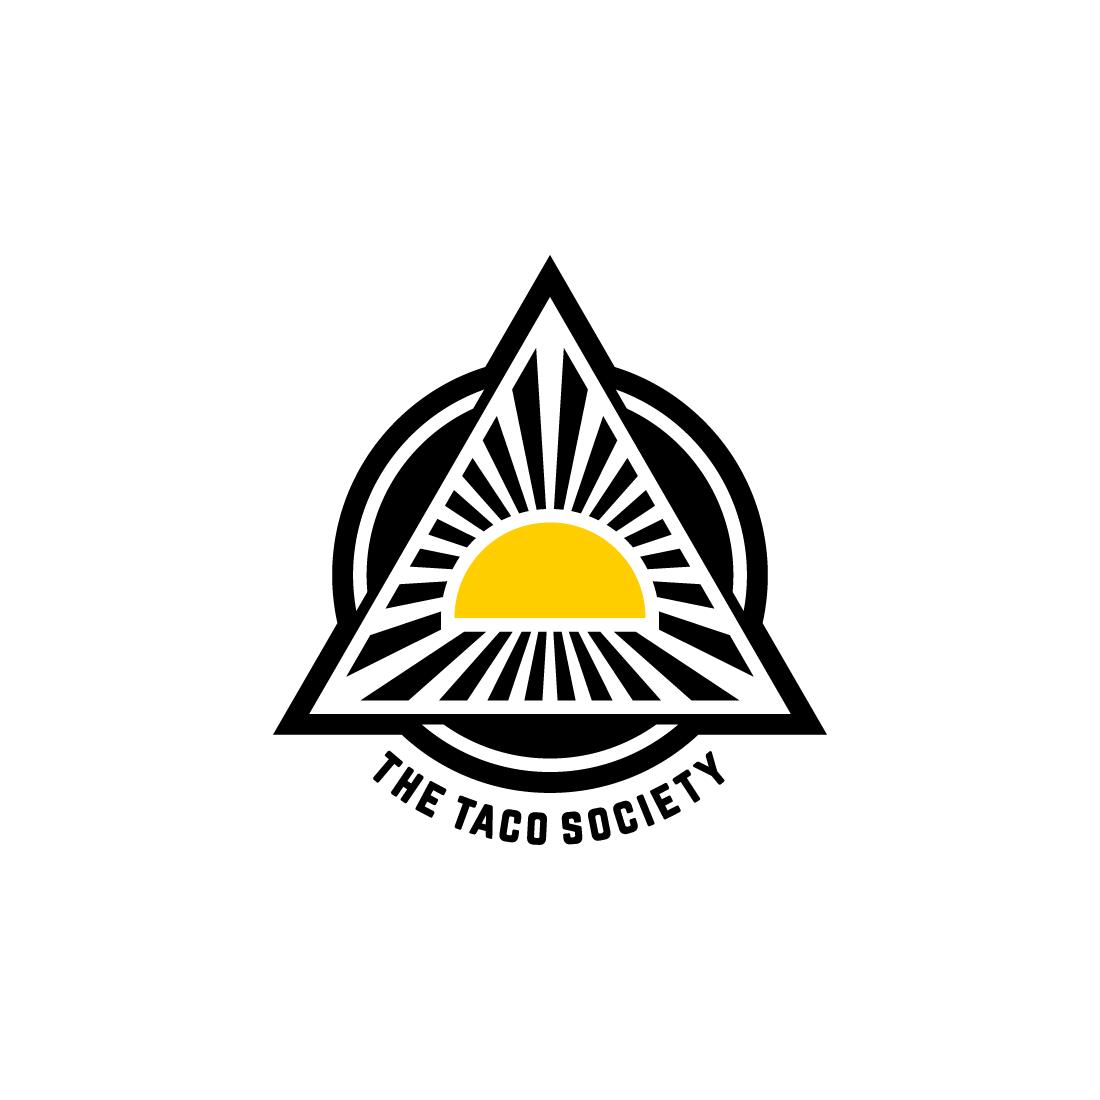 The Taco Society